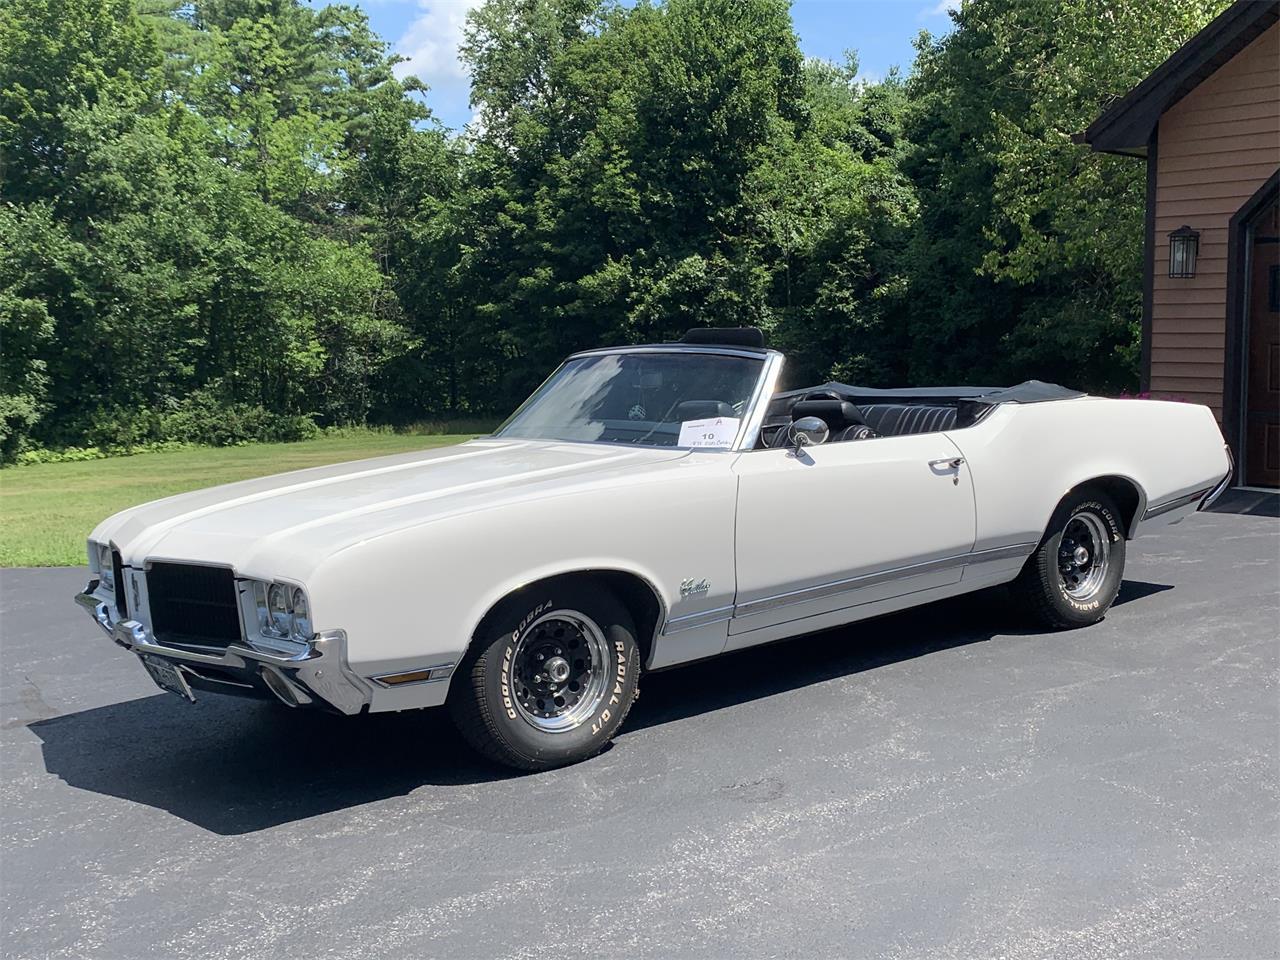 1971 Oldsmobile Cutlass Supreme (CC-1369652) for sale in Ballston Spa, New York